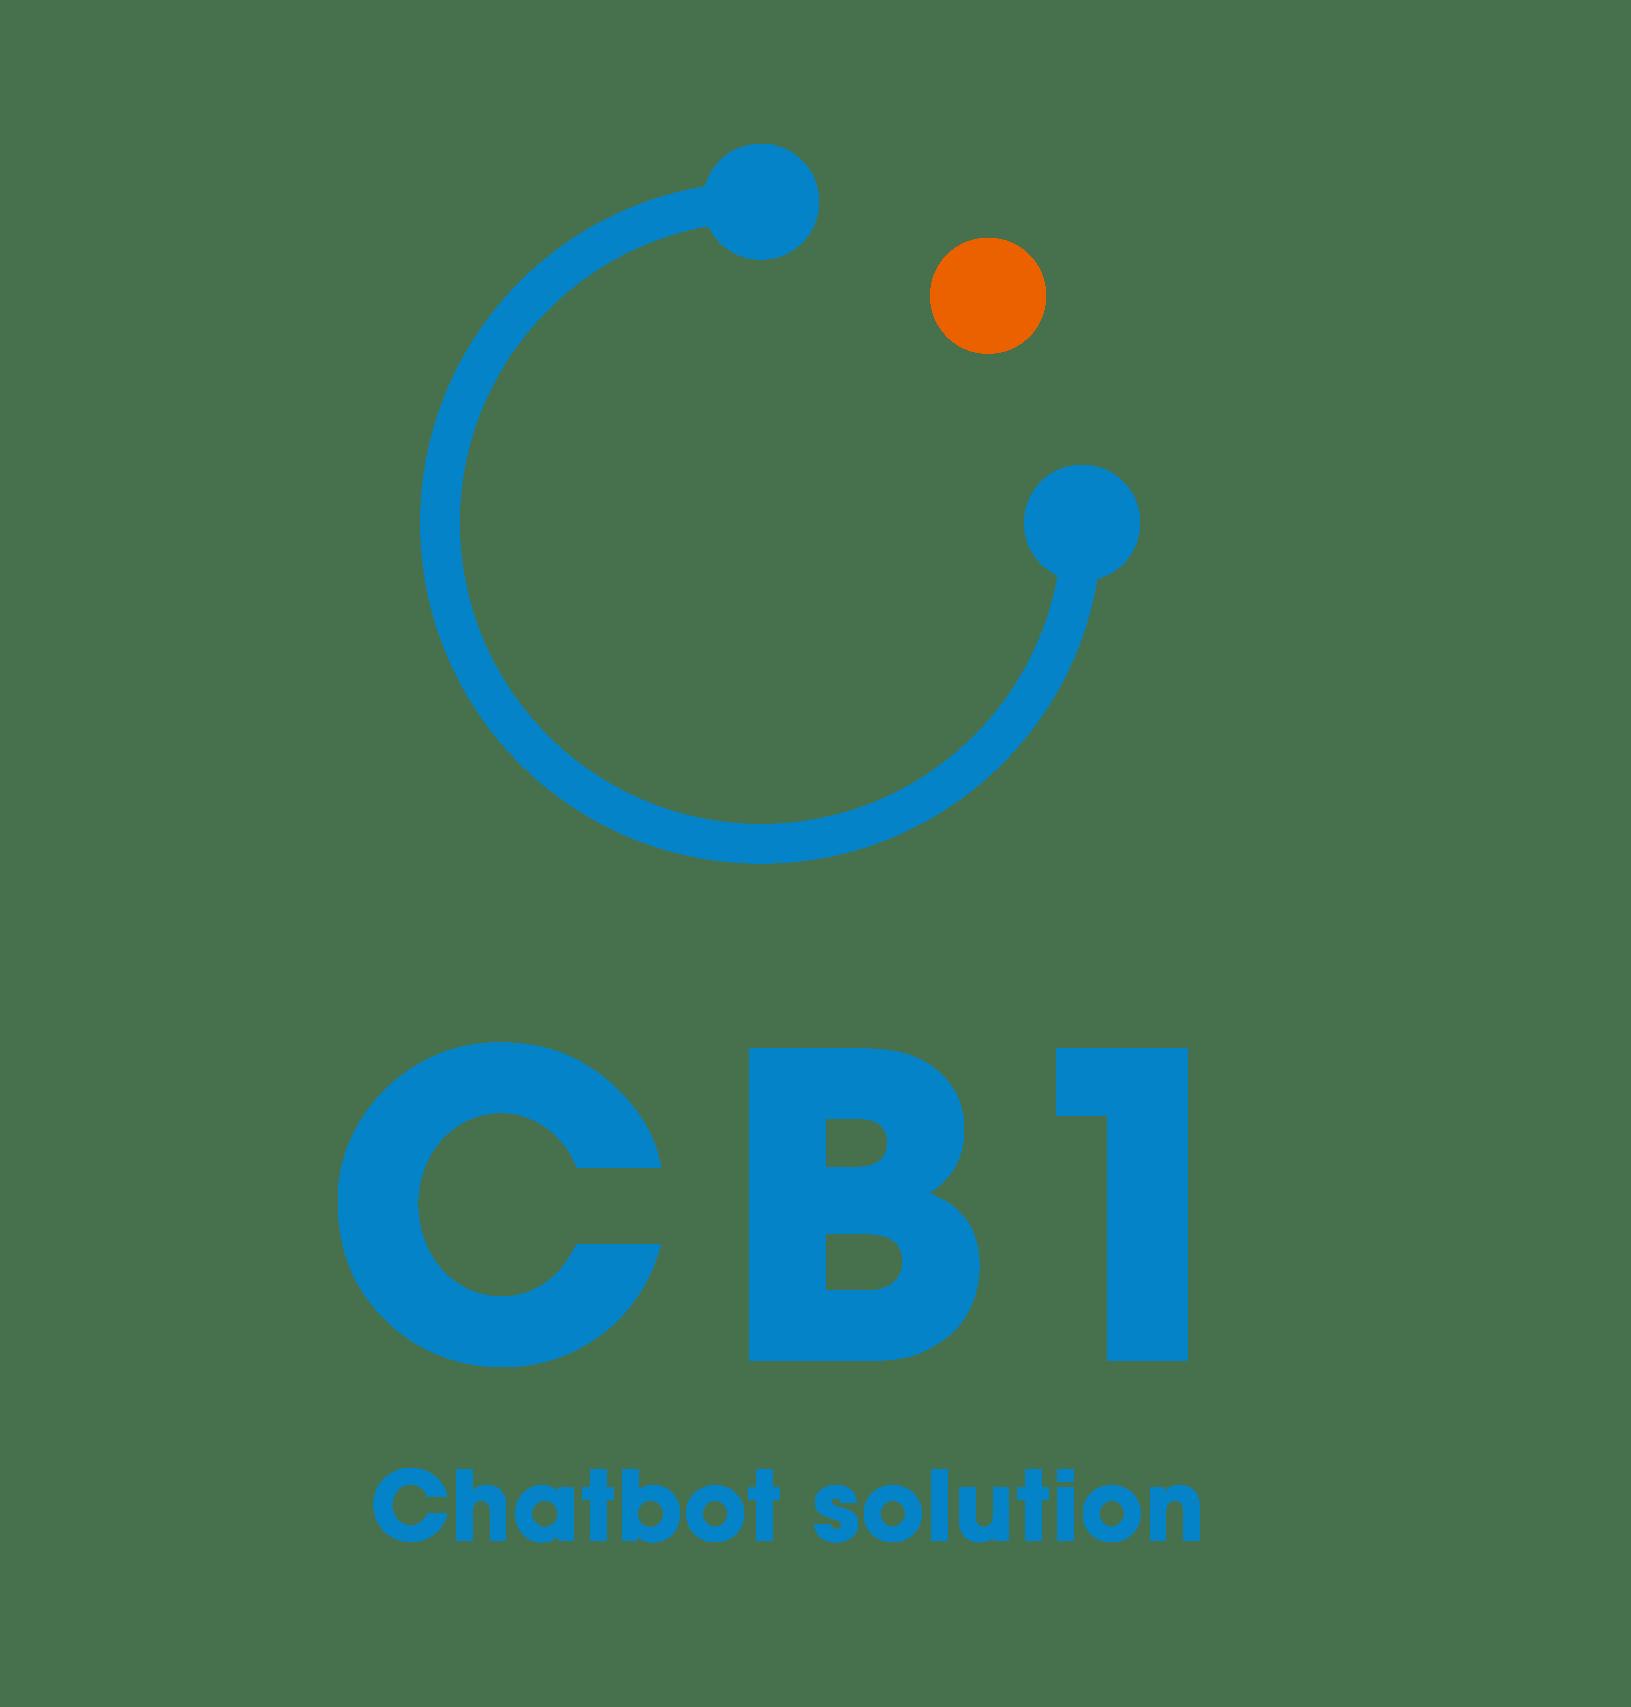 チャットボットソリューションCB1CB2のロゴ-AI・人工知能をベースに開発した製品・ソリューション・サービスの比較・検索・資料請求プラットフォーム